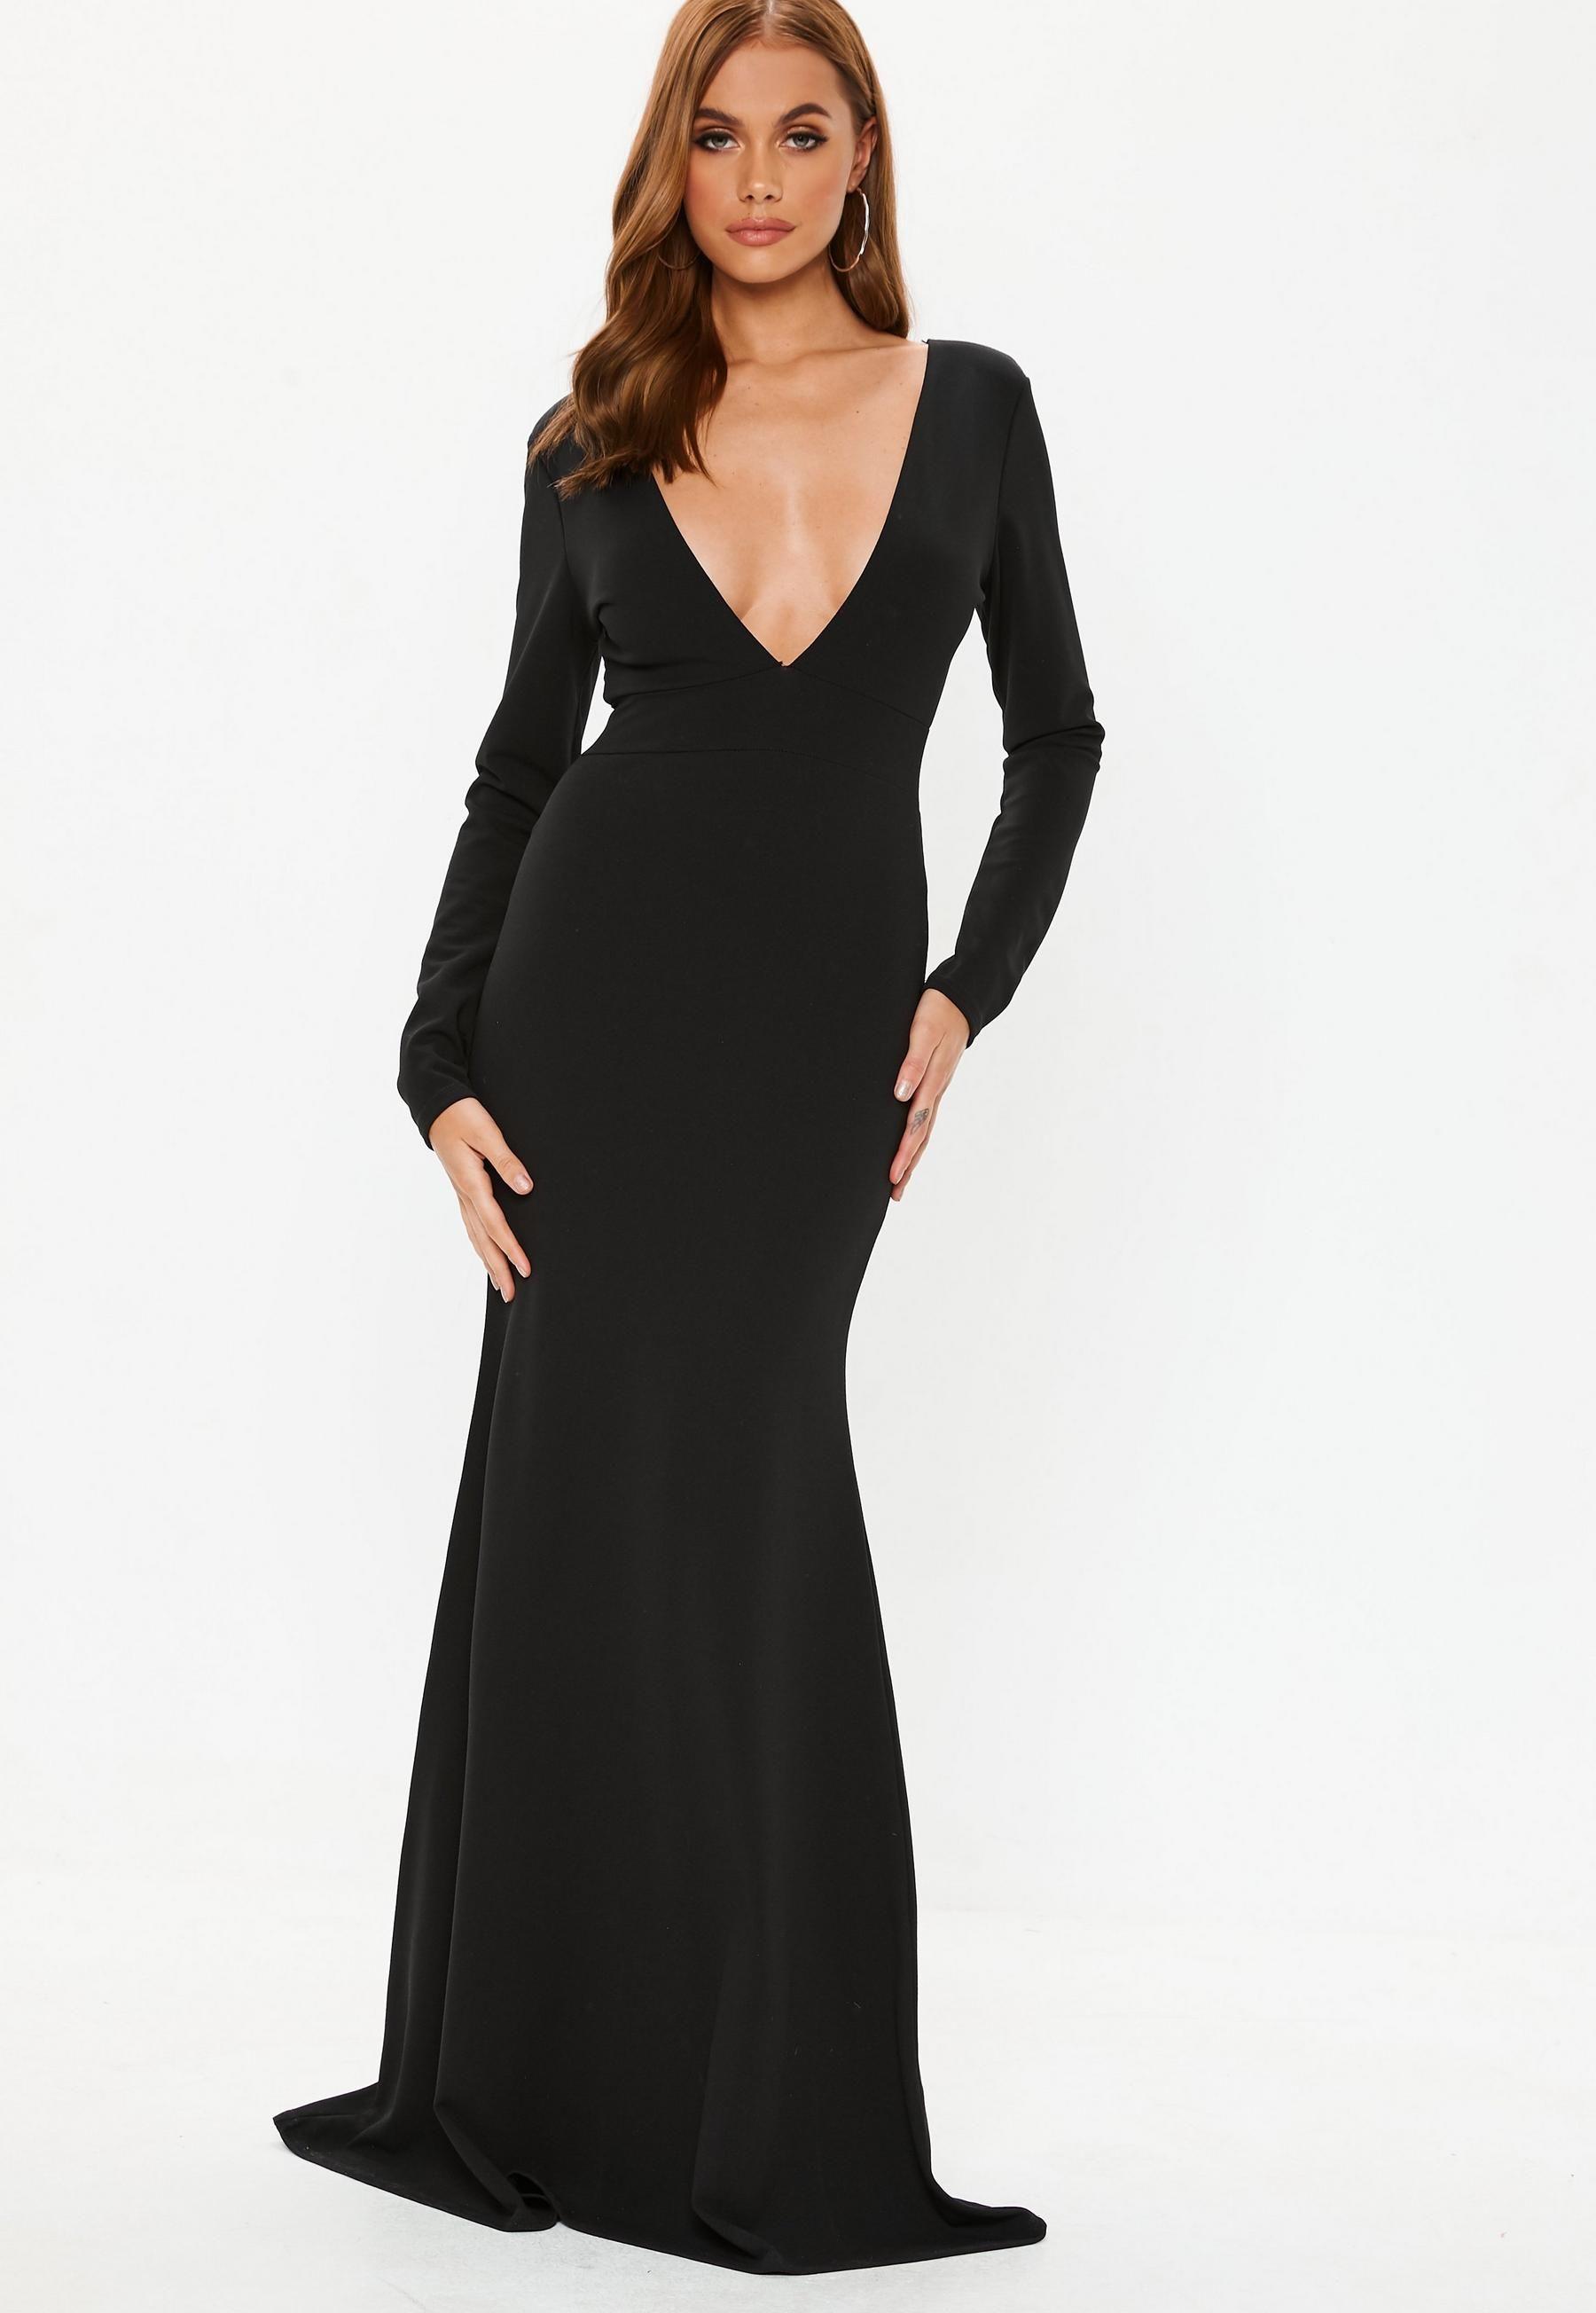 98768f0993 Czarna sukienka maxi z głębokim dekoltem